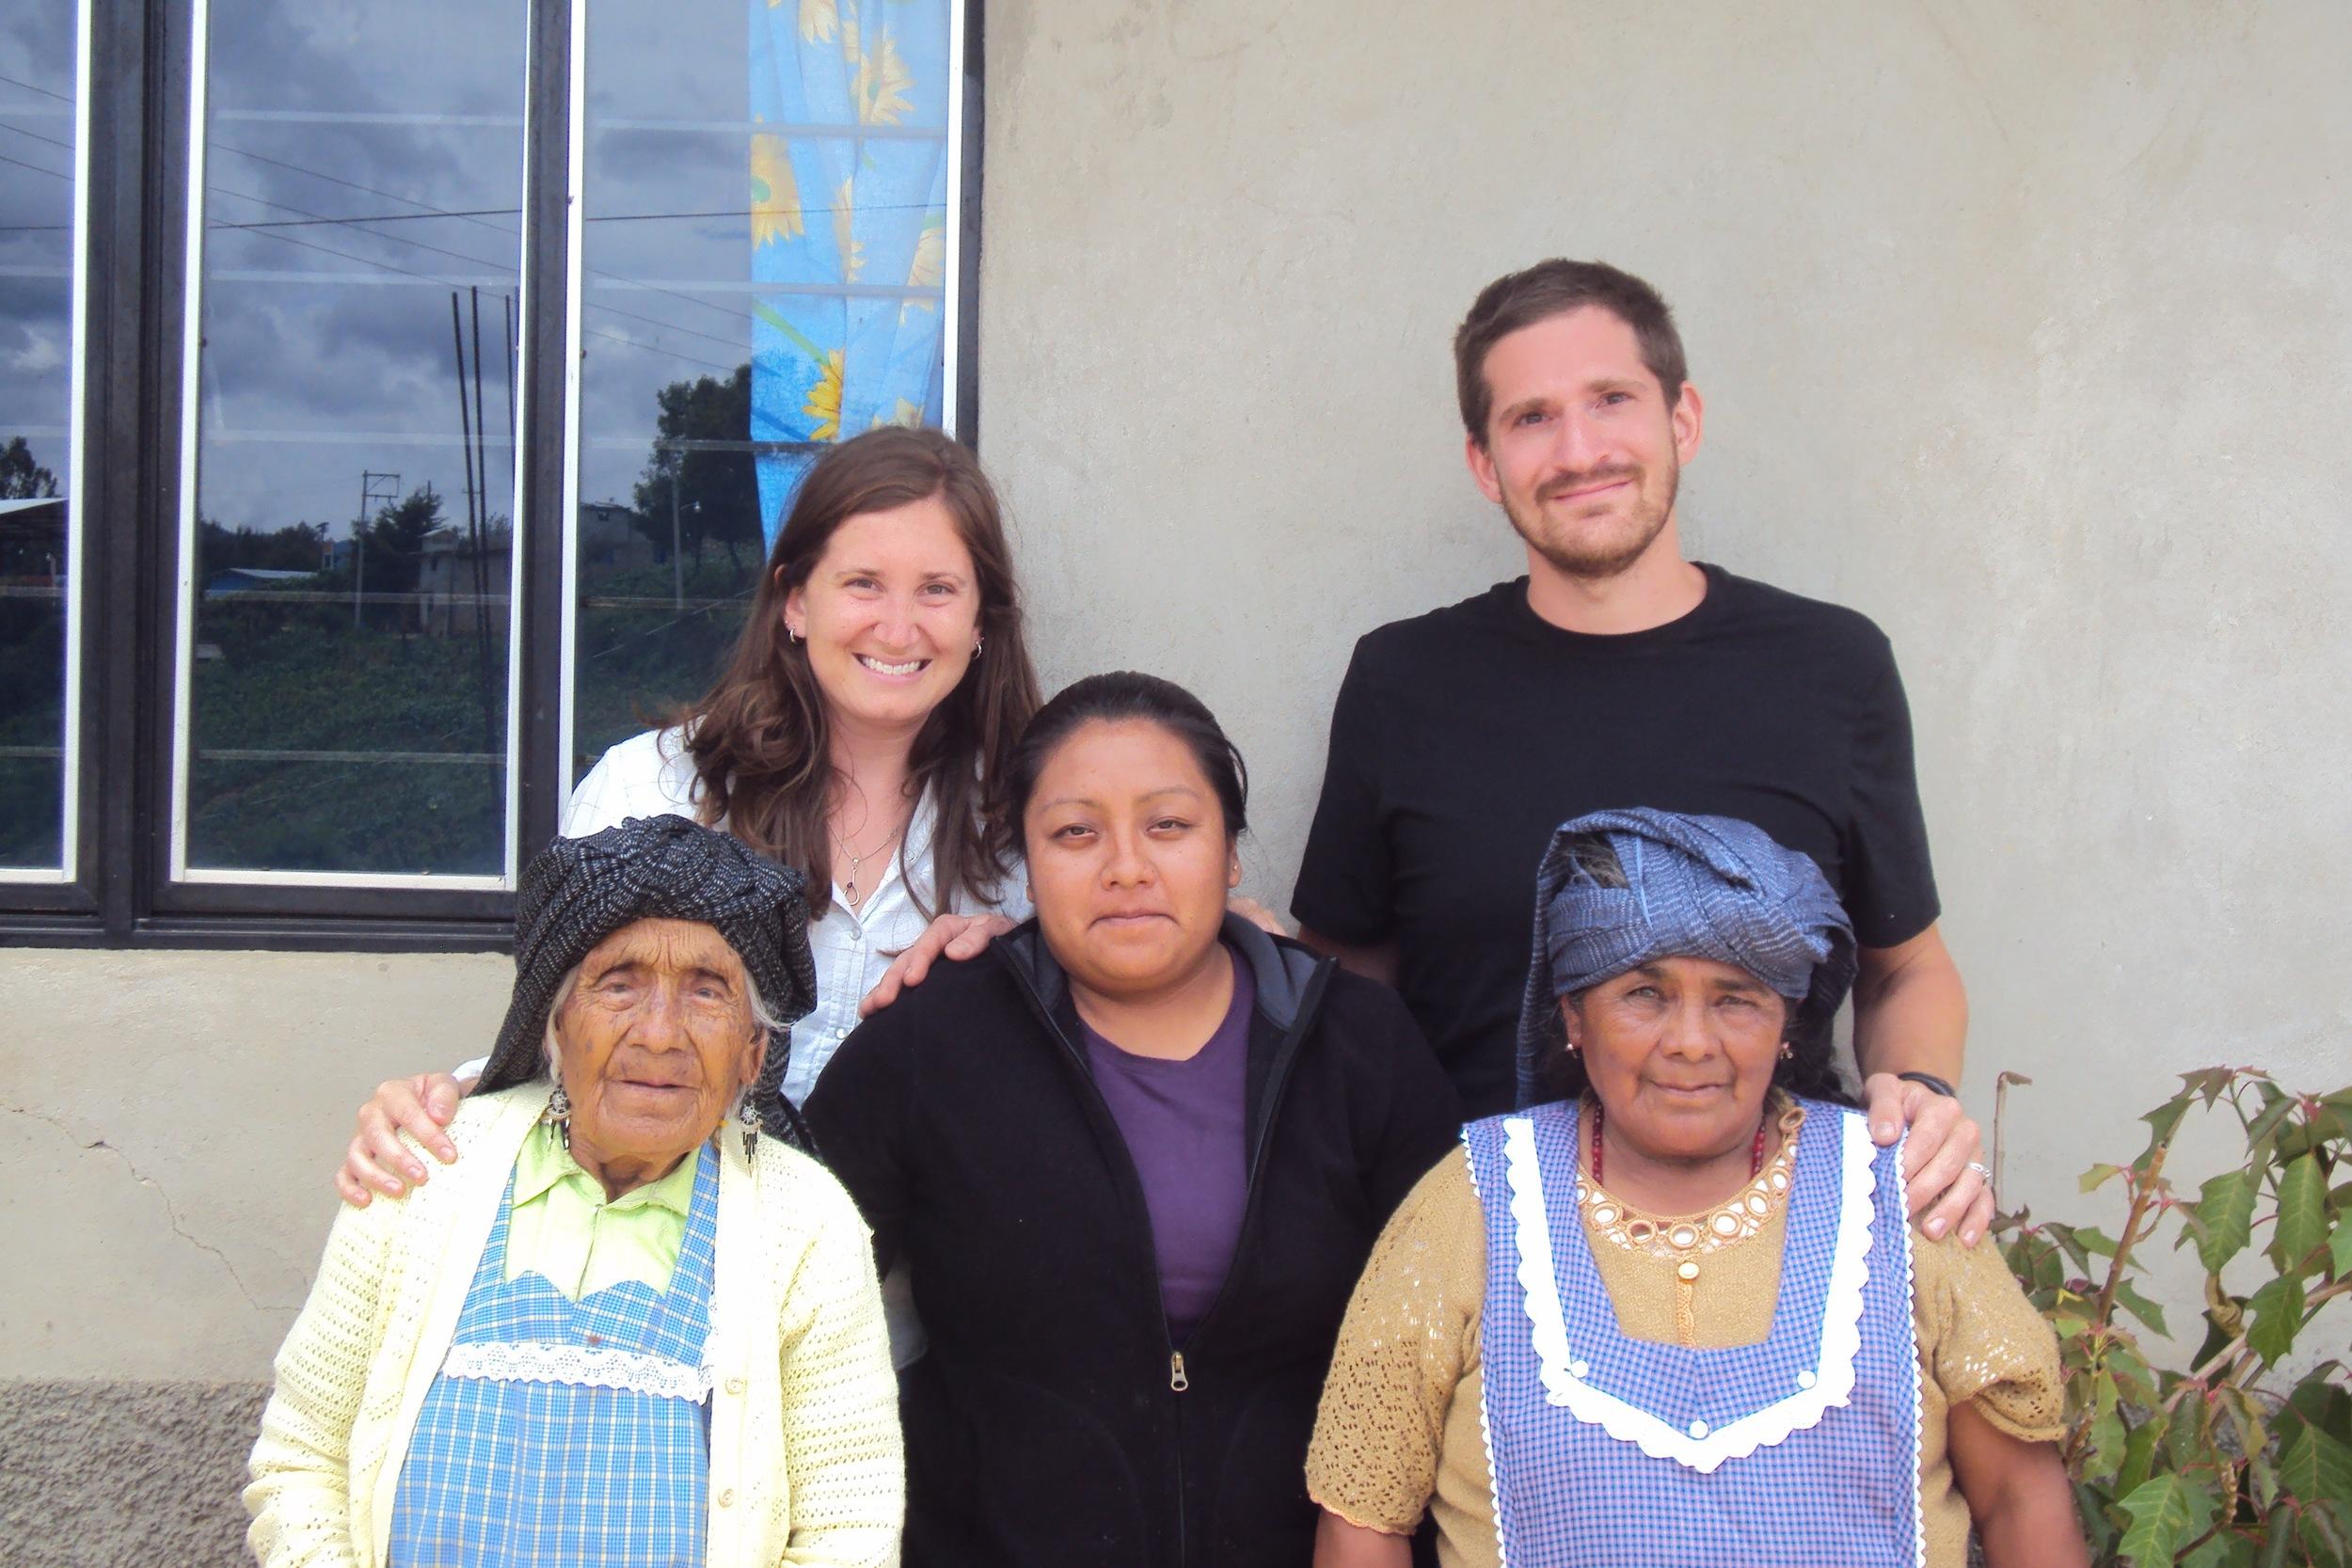 With the grandmas!